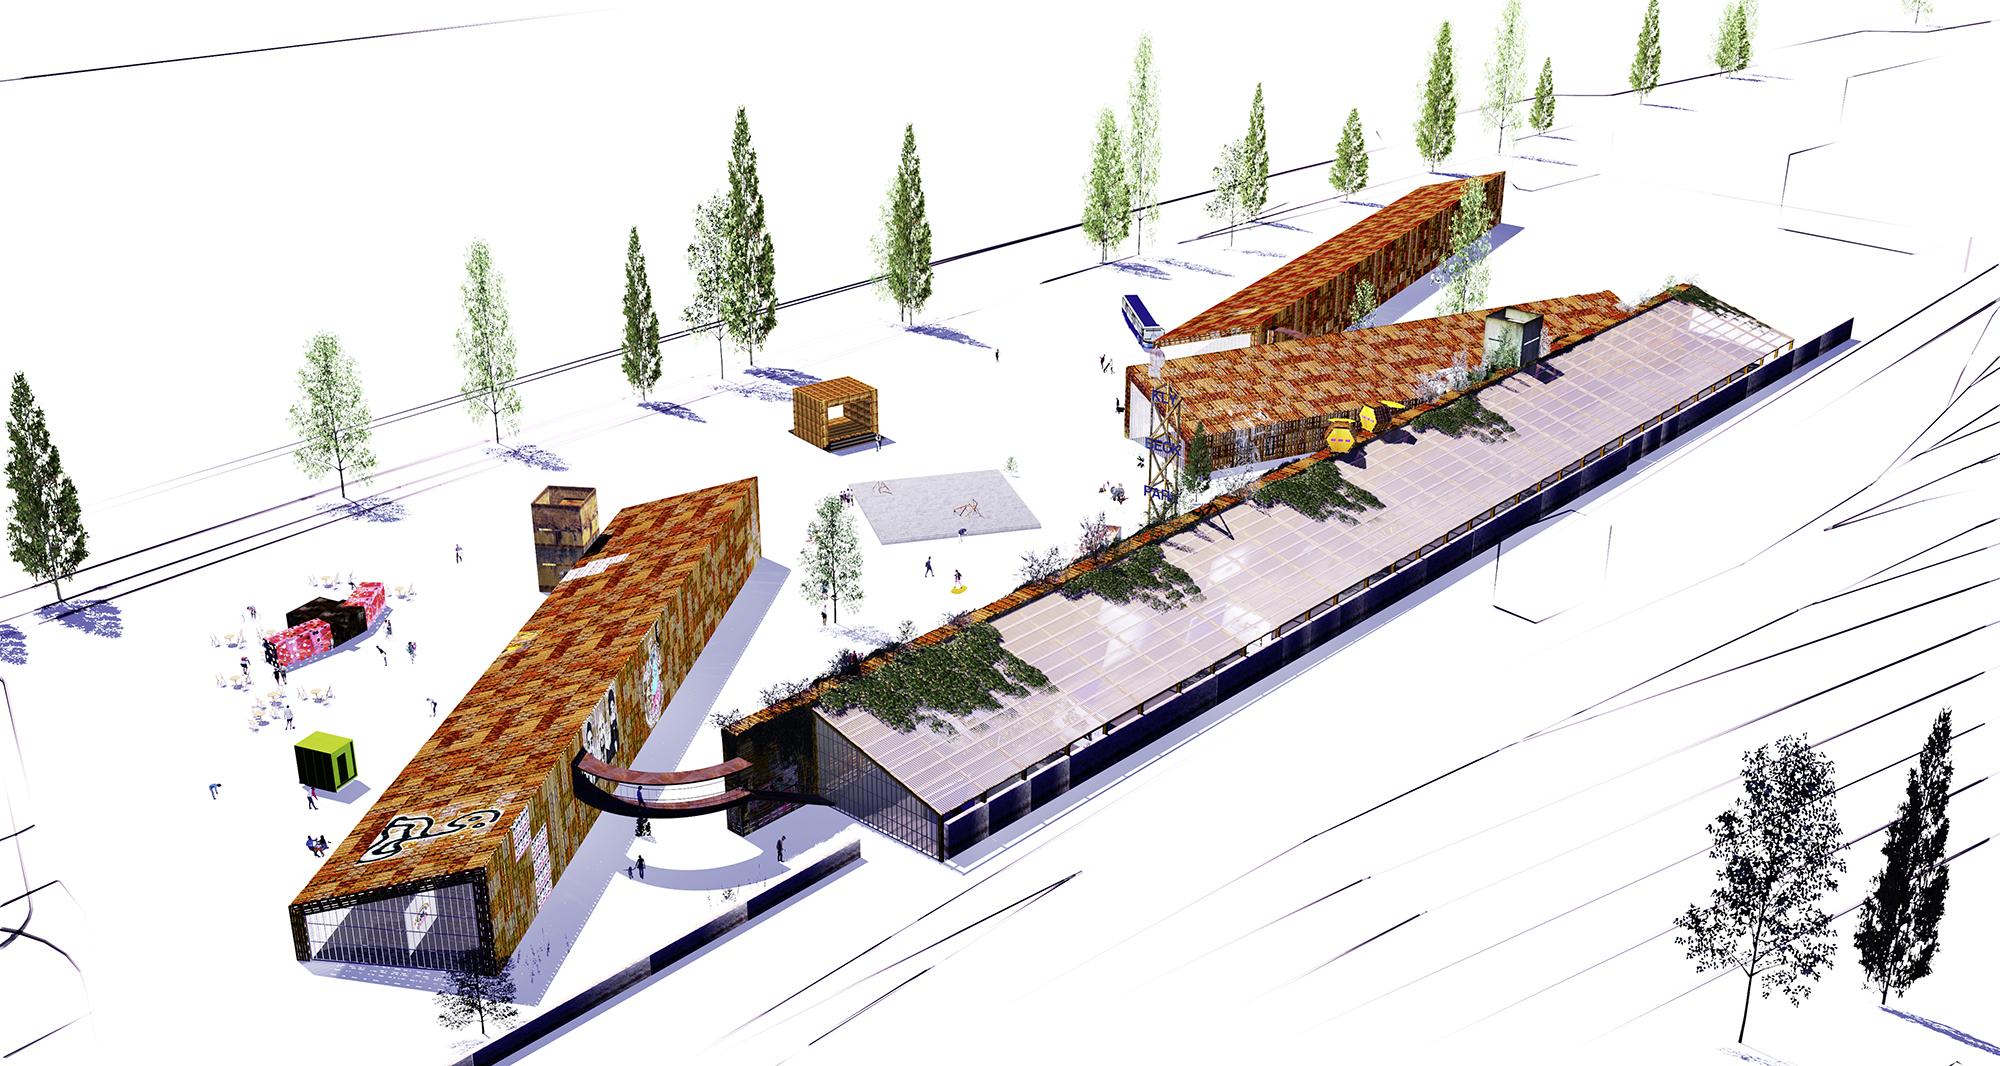 Vier Hallen sollen das grosse Zelt der Scope ersetzen und Shift Mode eine flexible Nutzung der übrigen Fläche erlauben.